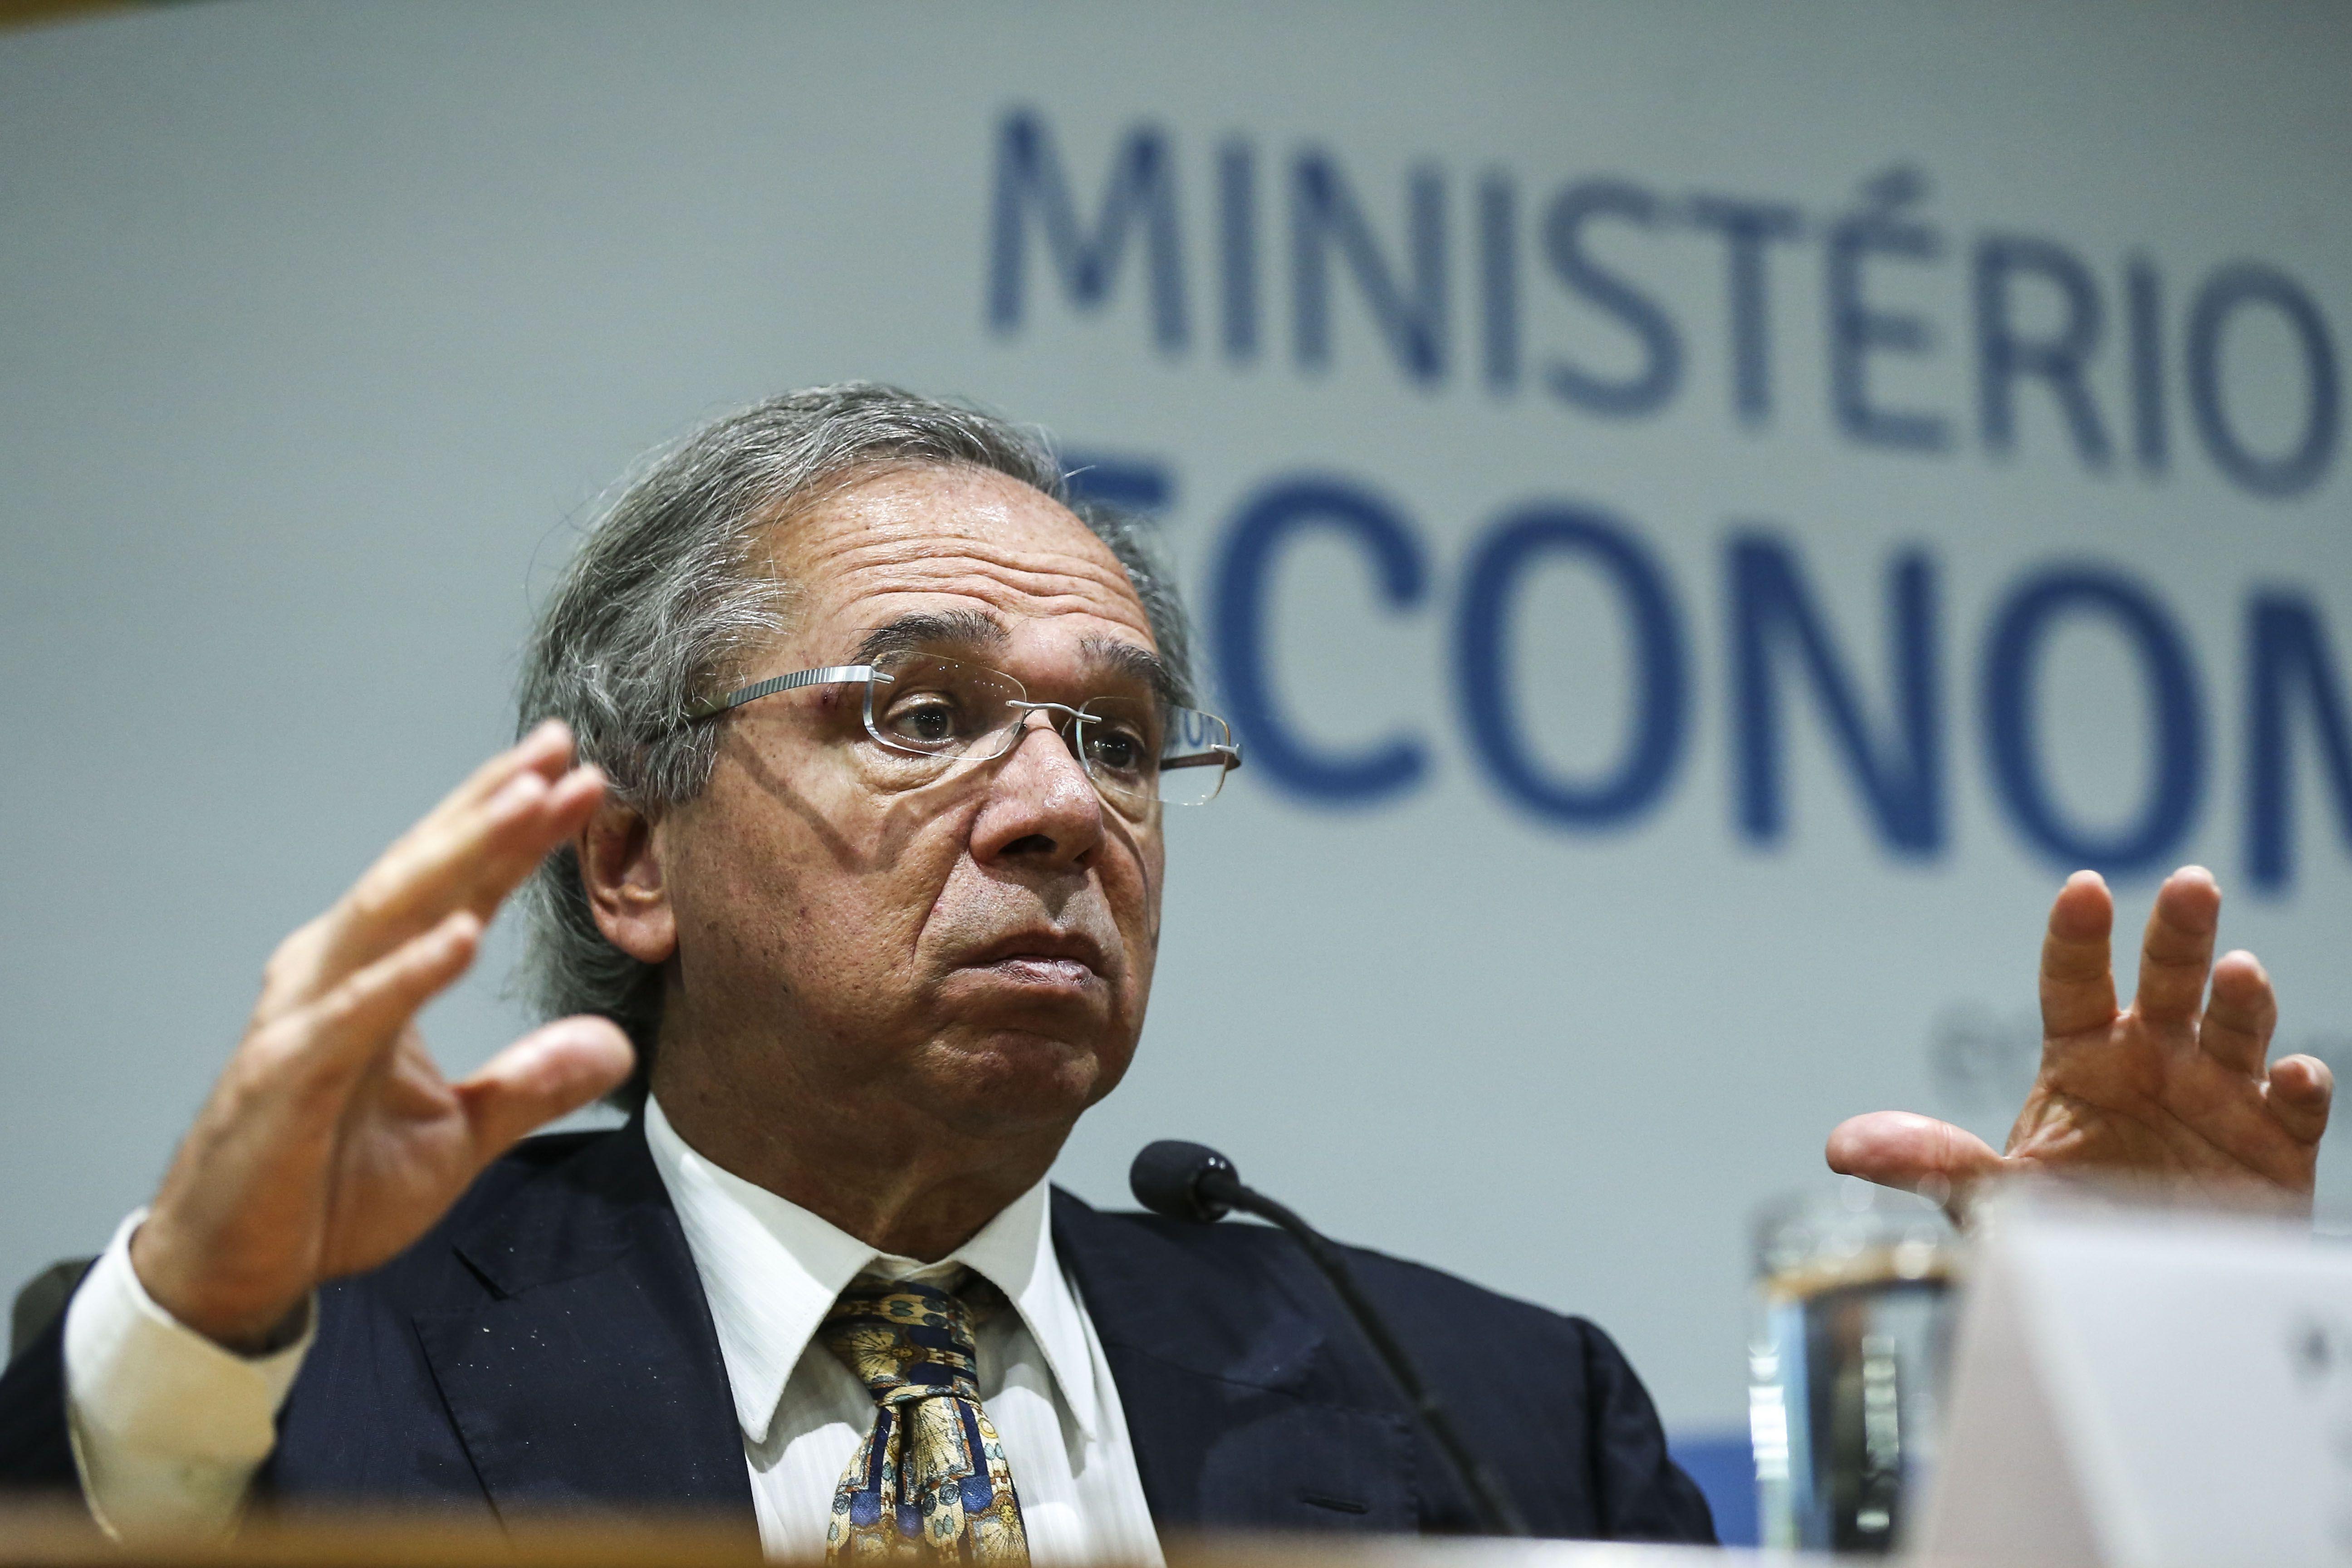 IMAGEM: Na economia e na saúde, o Brasil precisa de realismo, não de impressionismo